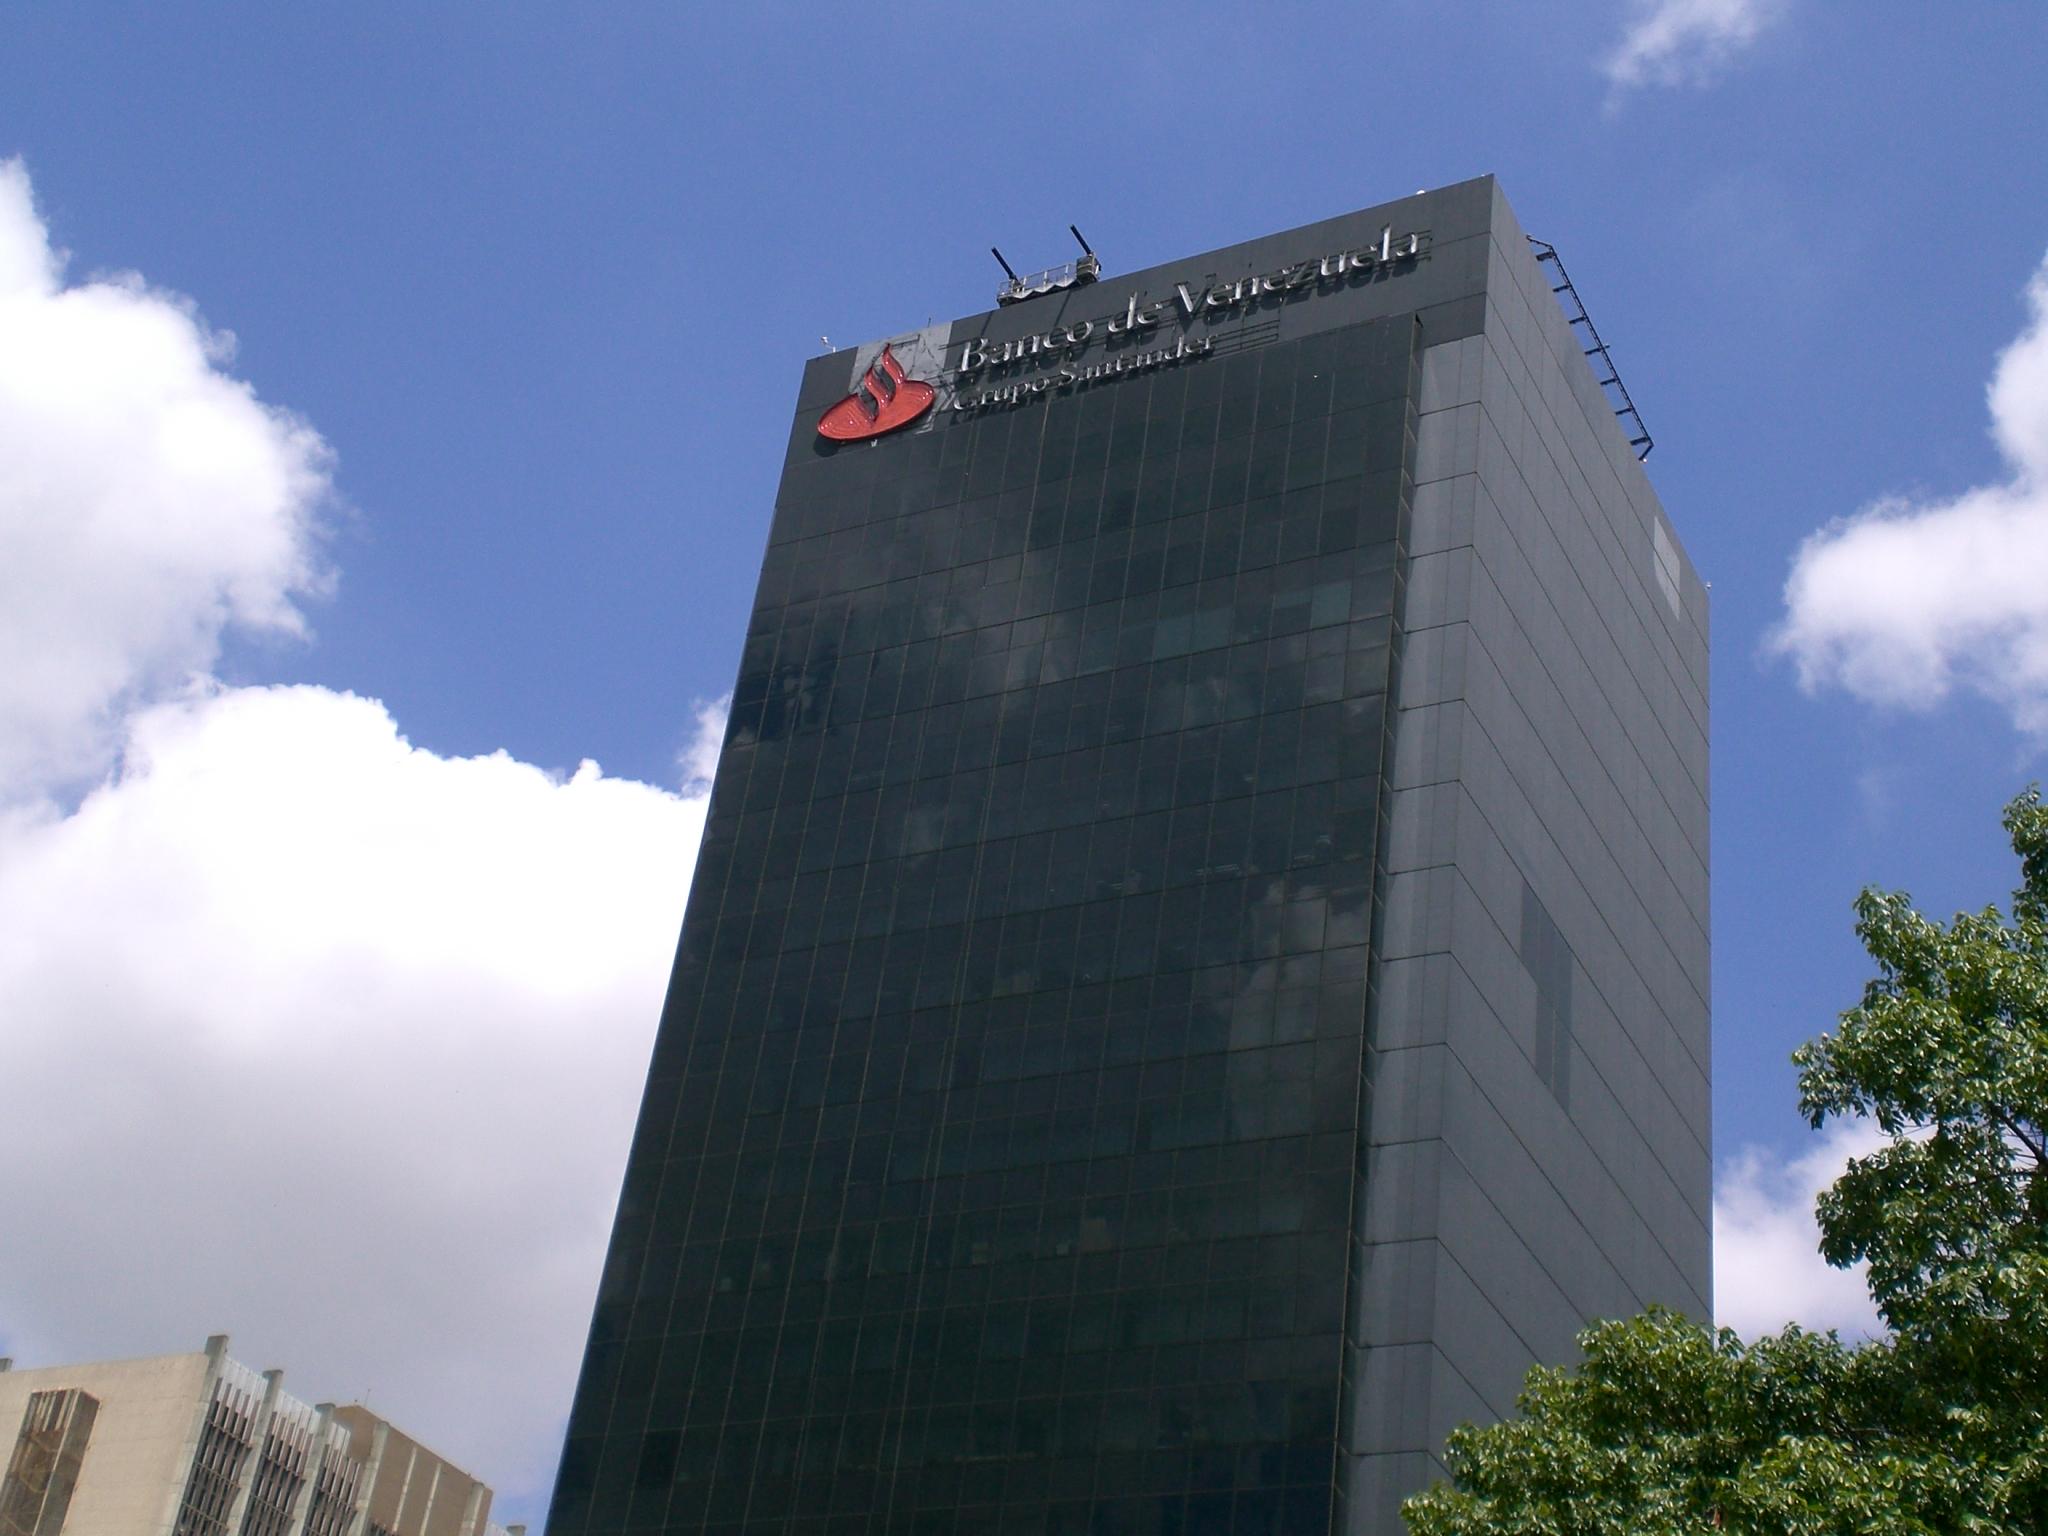 Banco de venezuela for 0banco de venezuela